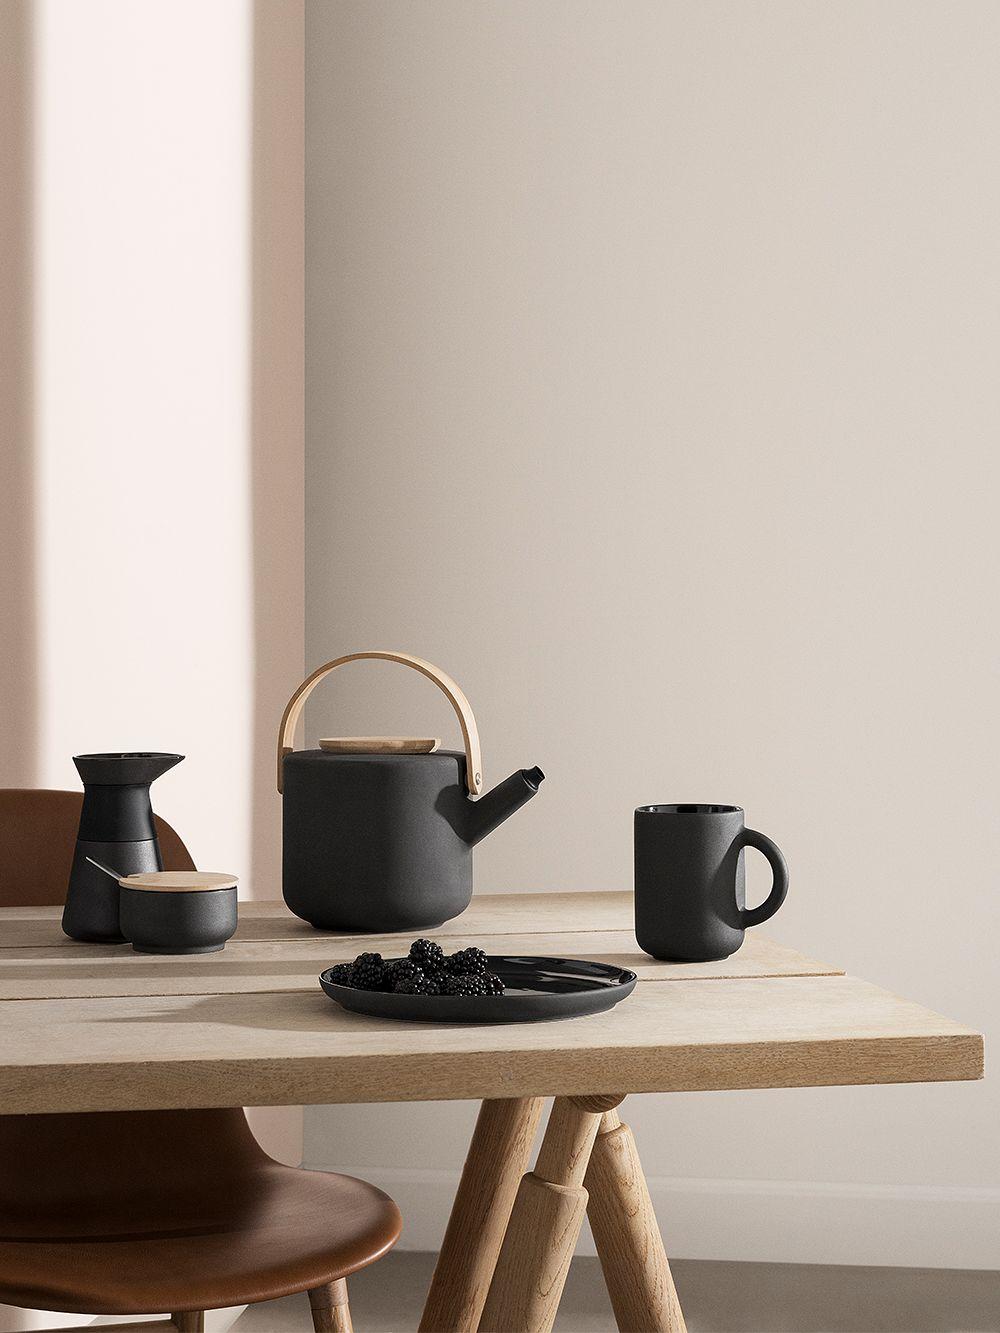 Stelton's Theo teapot